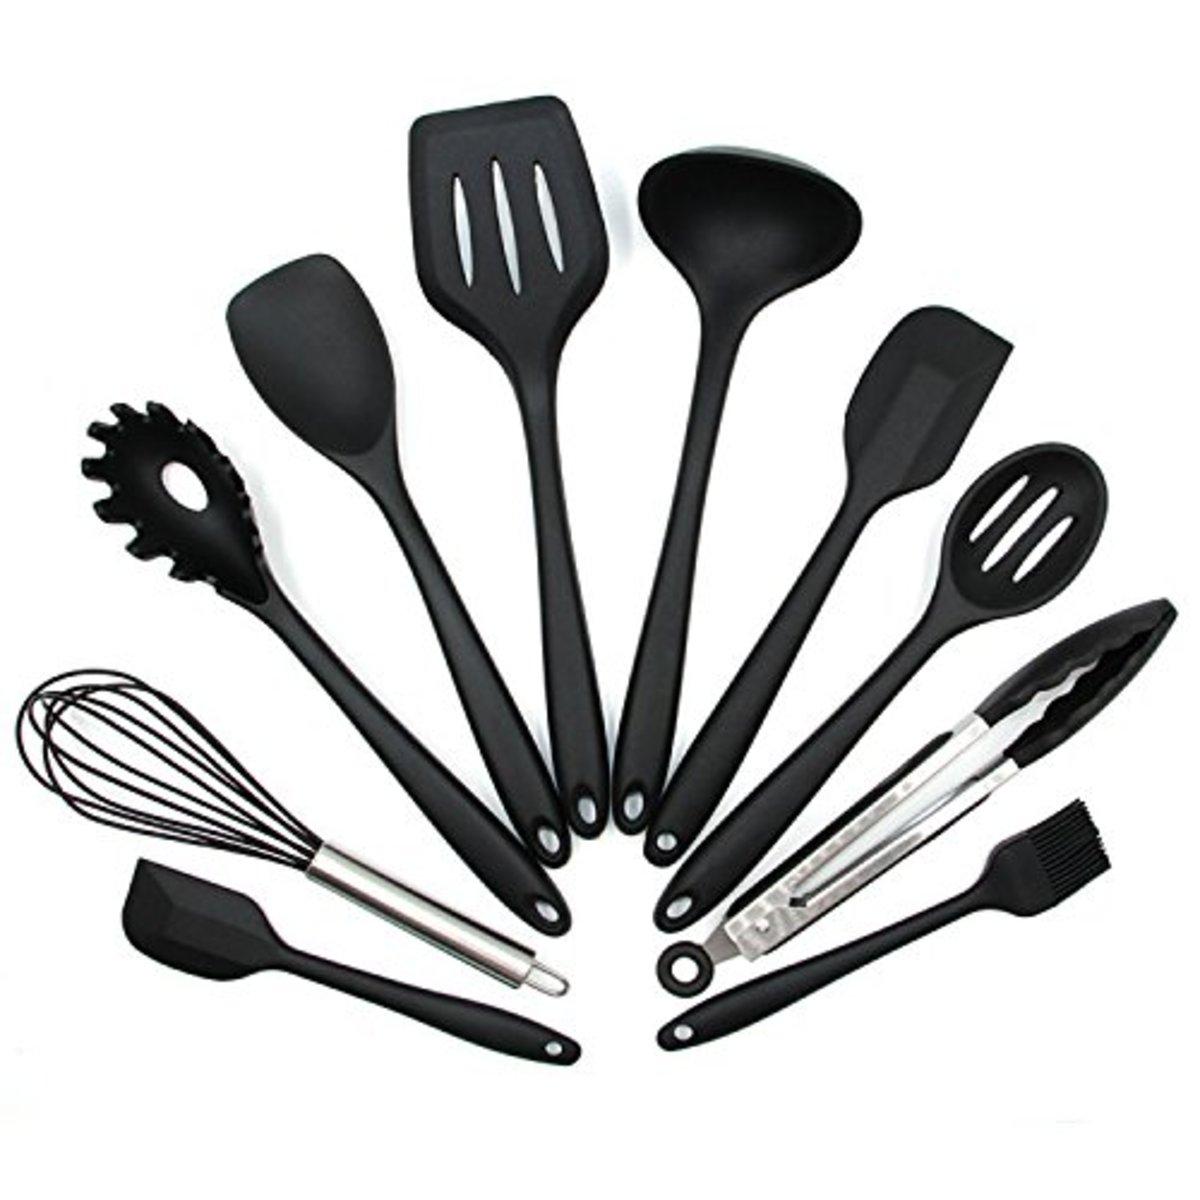 矽膠廚具10件套  耐高溫廚房工具  烘焙用具  烹飪用具套裝